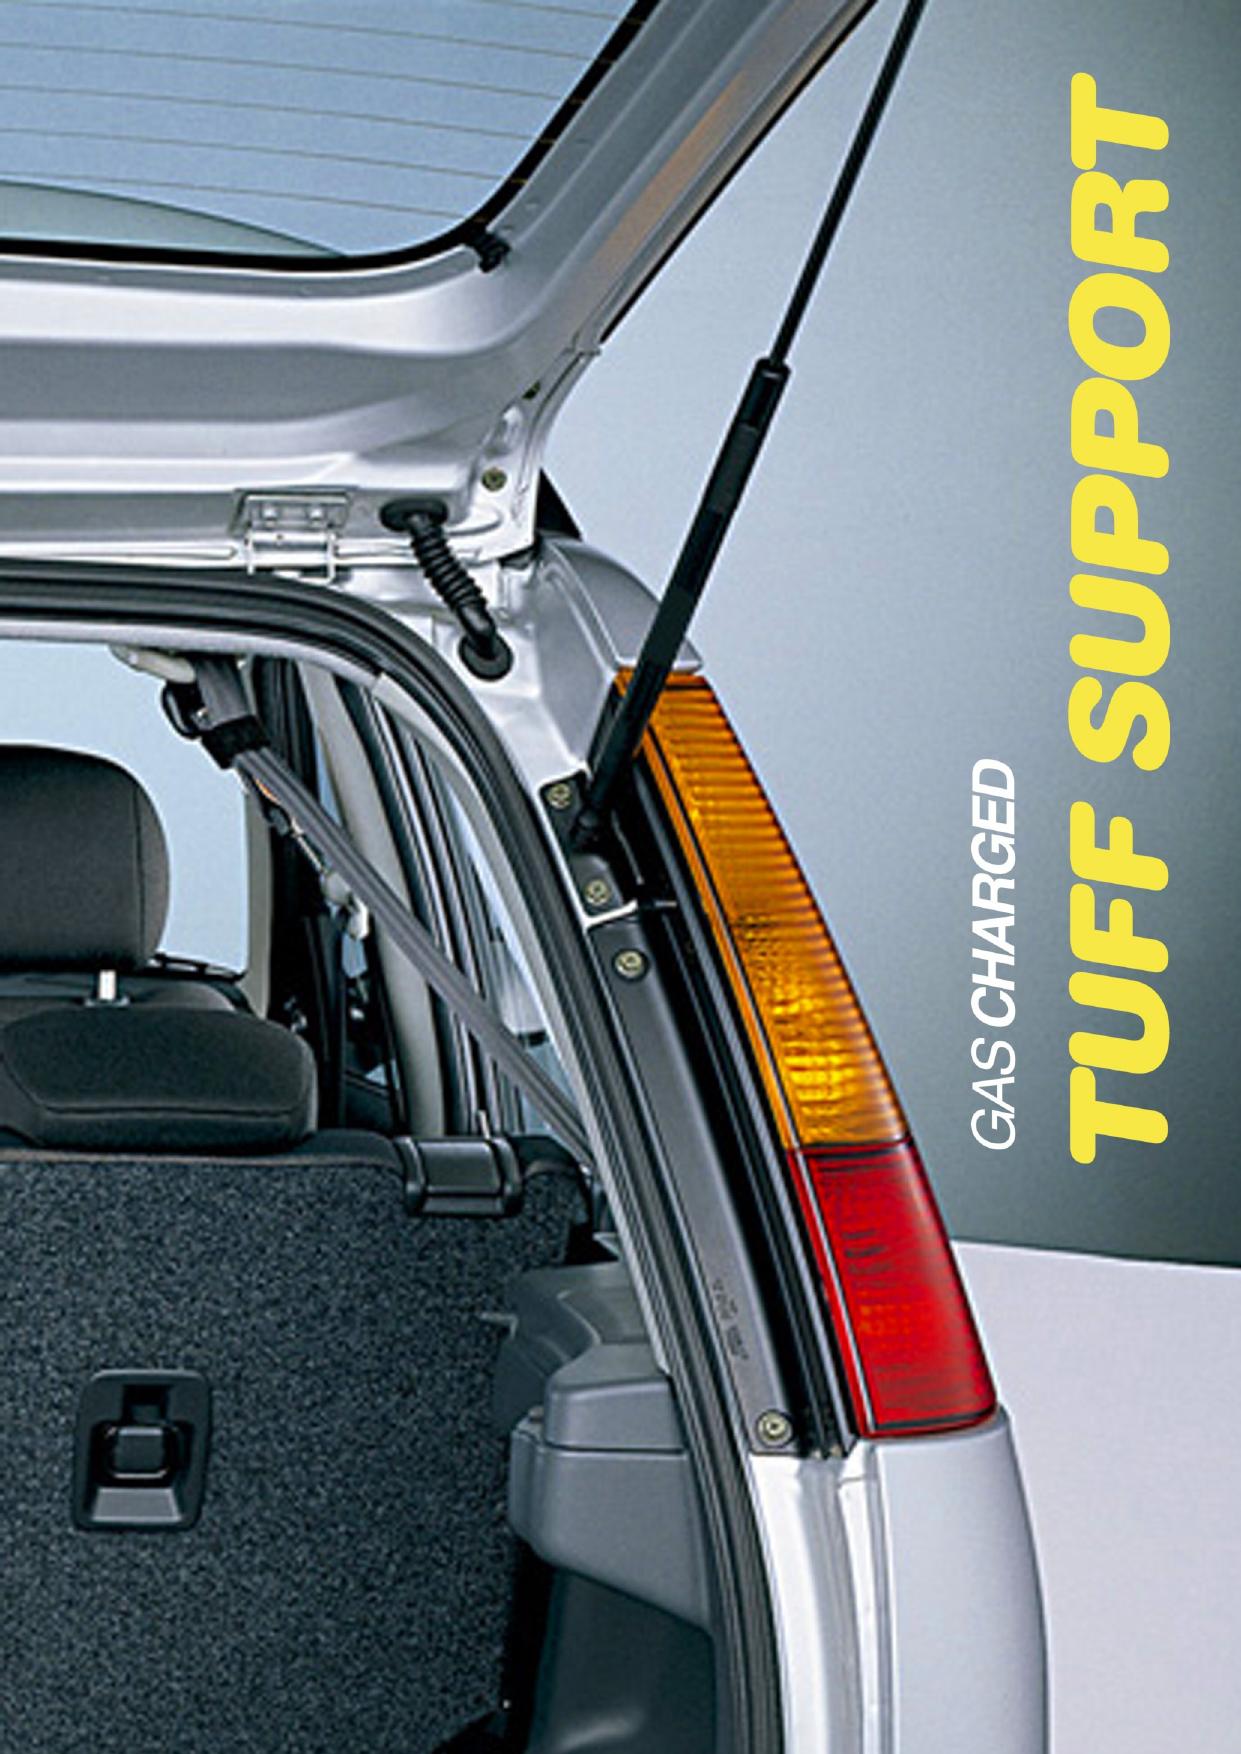 Minaco rear hatch lift support struts Hatchback Fit For 2007 2008 2009 Suzuki XL-7